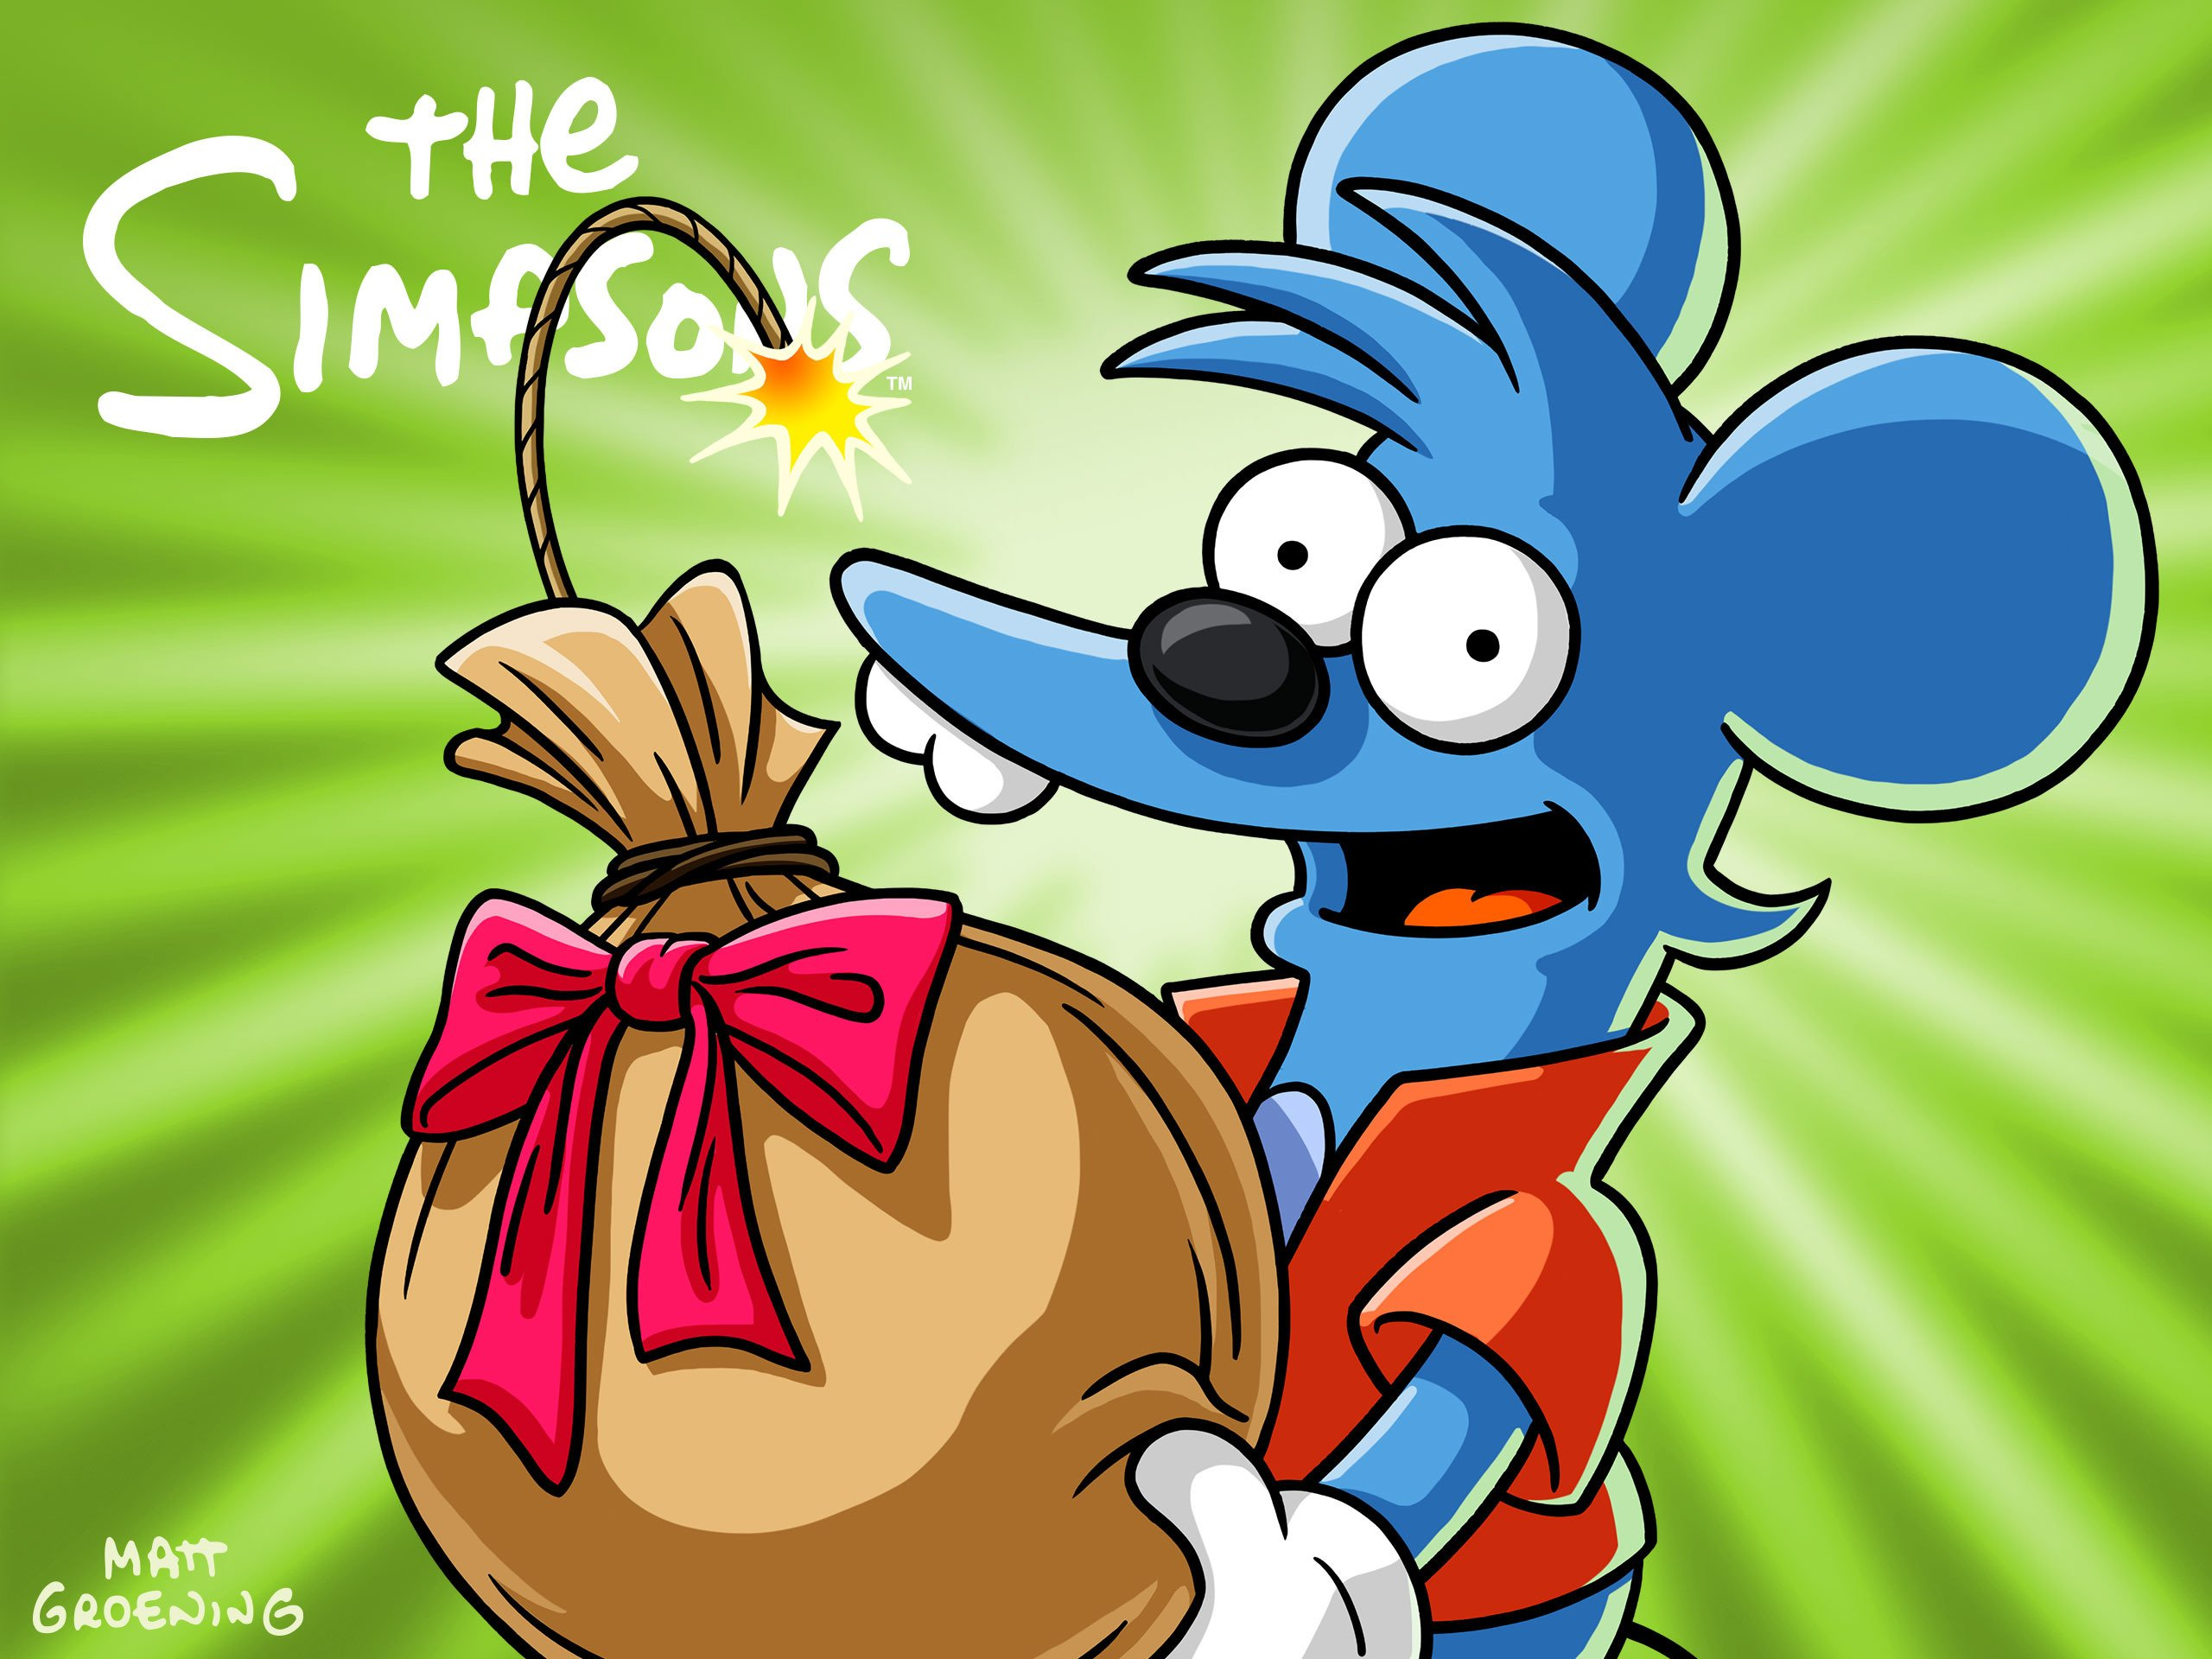 the simpsons season 13 episode 18 watchcartoononline